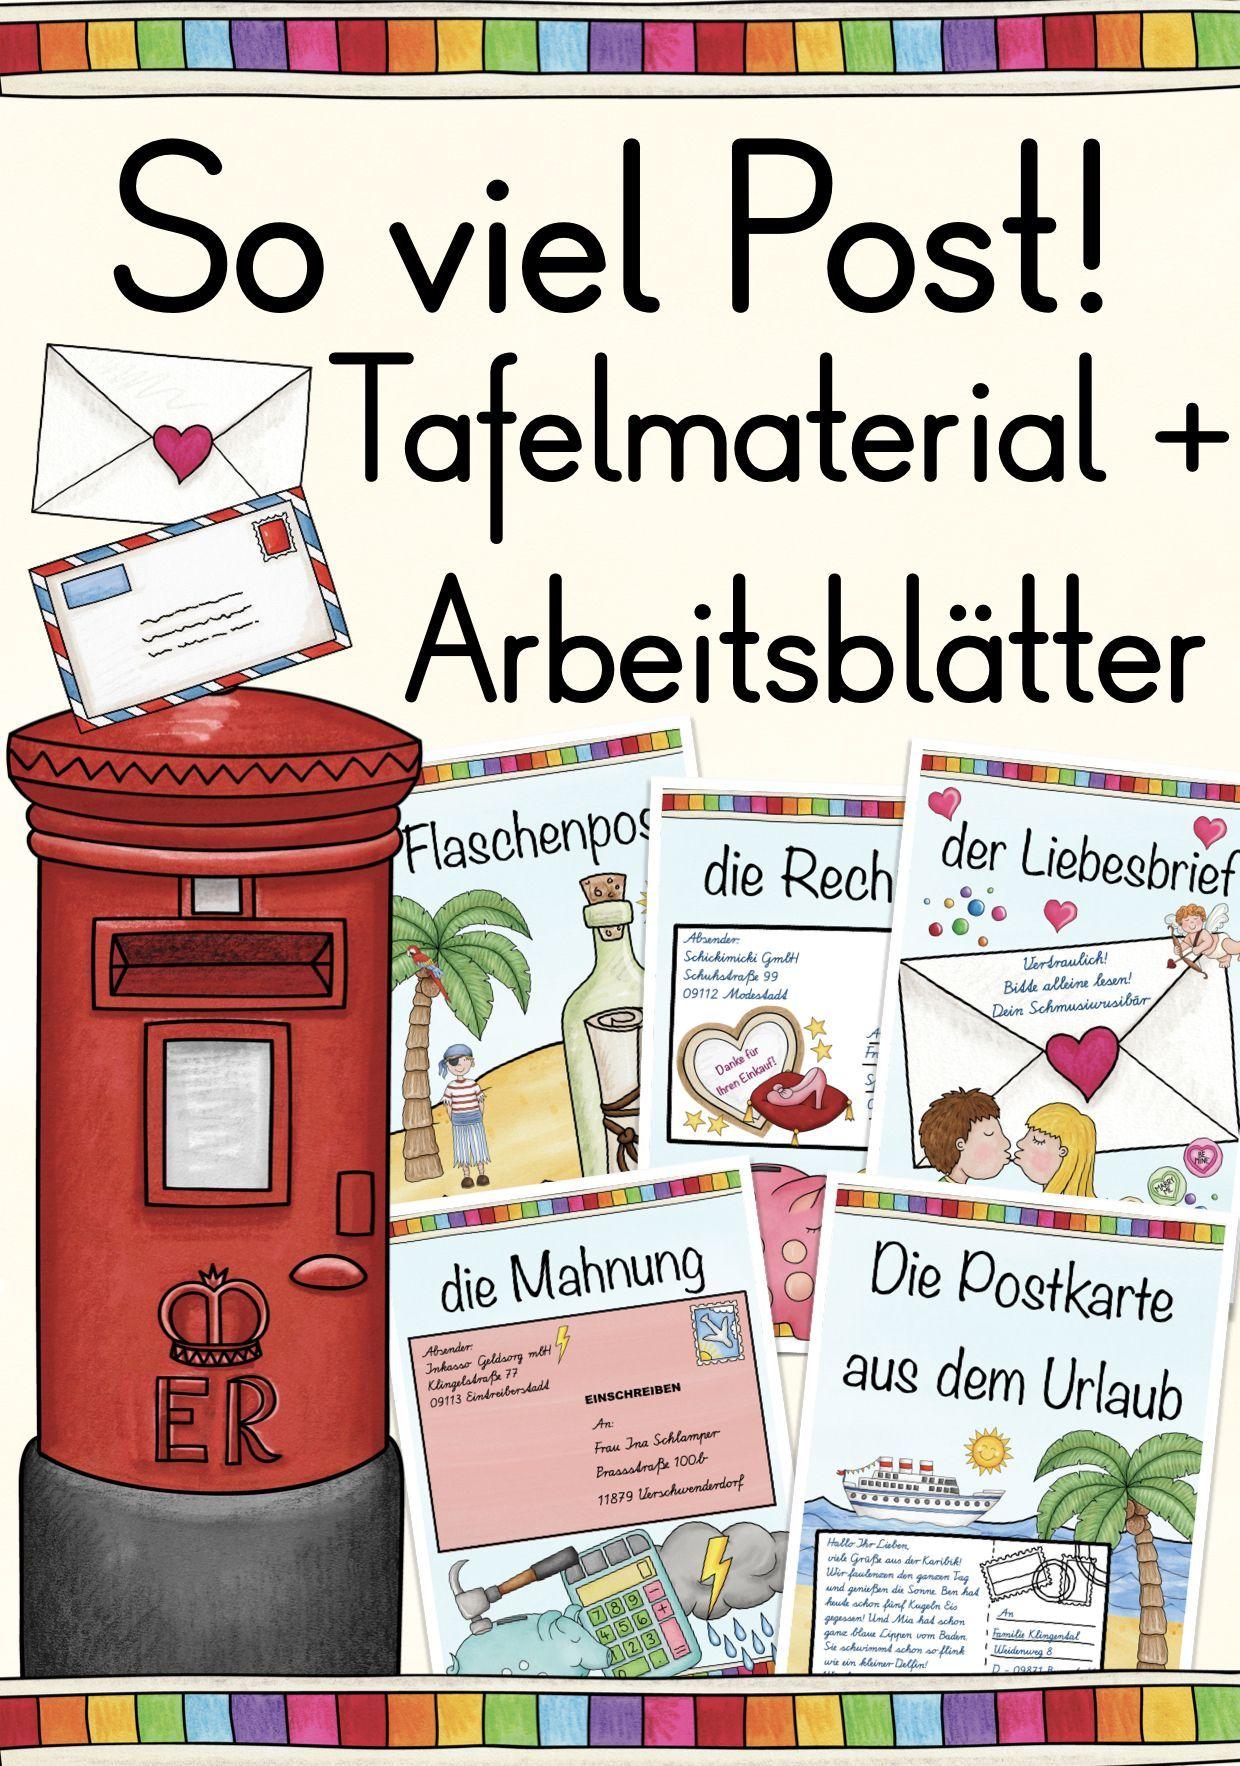 So Viel Post Postkarte Brief Tafelmaterial Unterrichtsmaterial In Den Fachern Daz Daf Deutsch Sachunterricht Brief Schreiben Grundschule Lehrmaterial Postkarte Schreiben